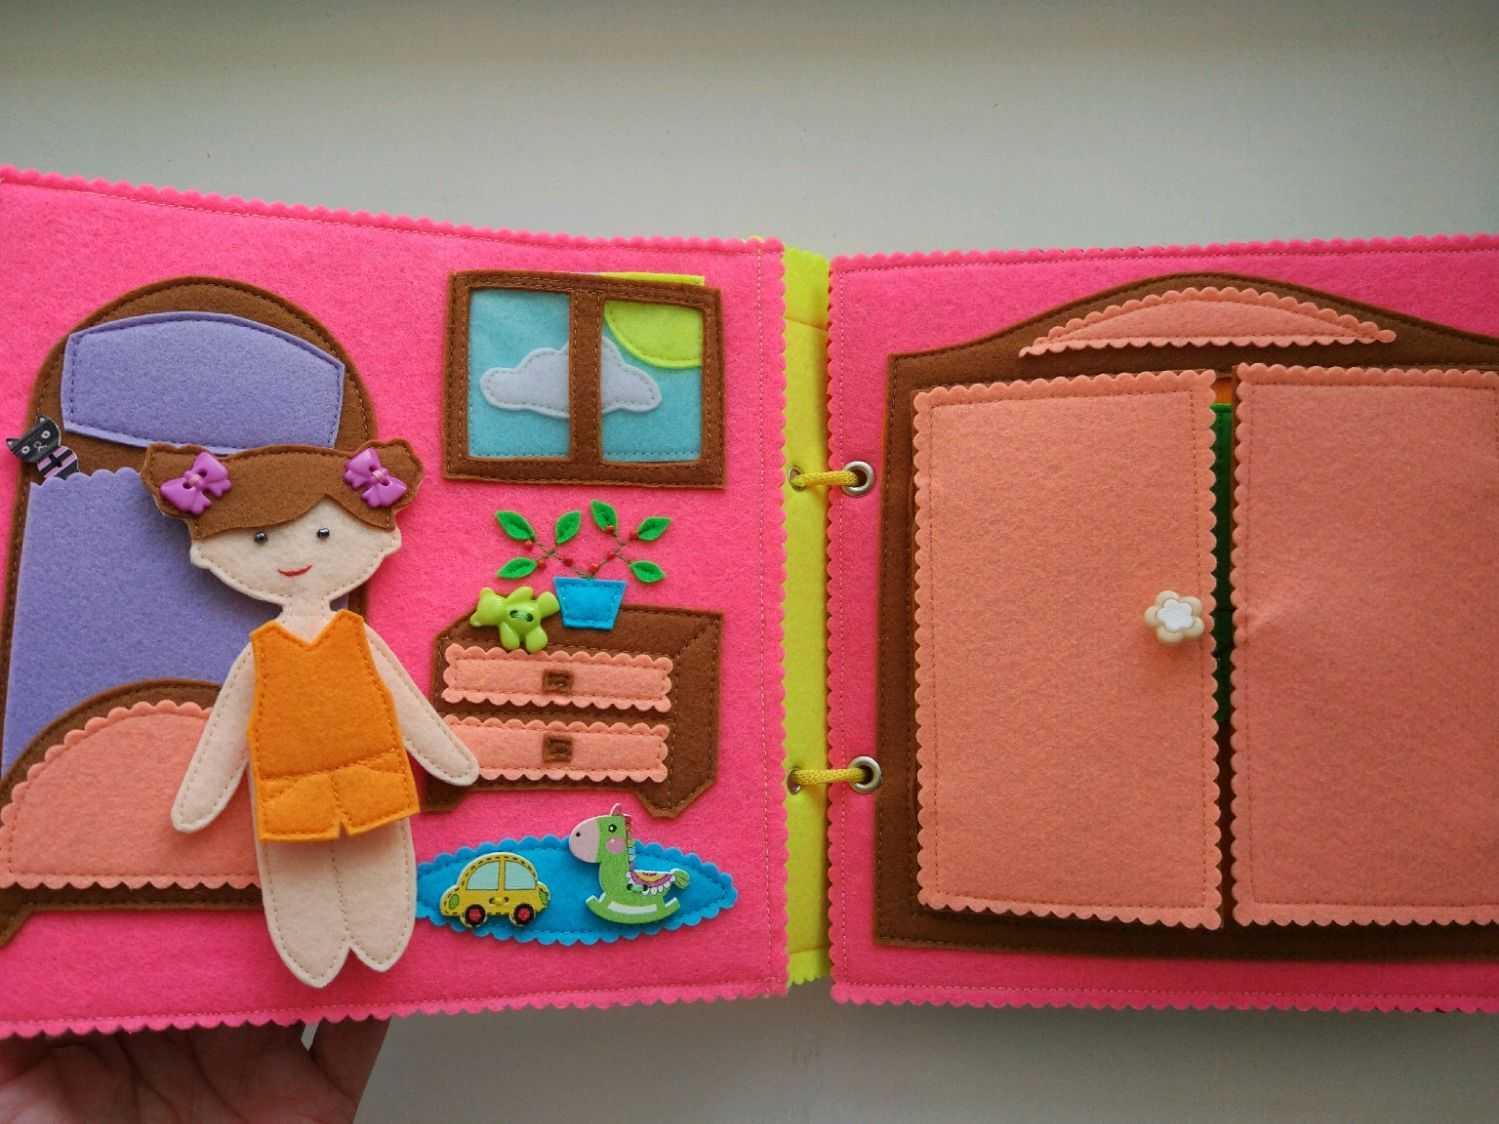 Как сделать развивающие книжки малышки своими руками из фетра, ткани, мягкую, из бумаги? развивающая книжка для самых маленьких своими руками, для детей от 1 года: пошаговая инструкция